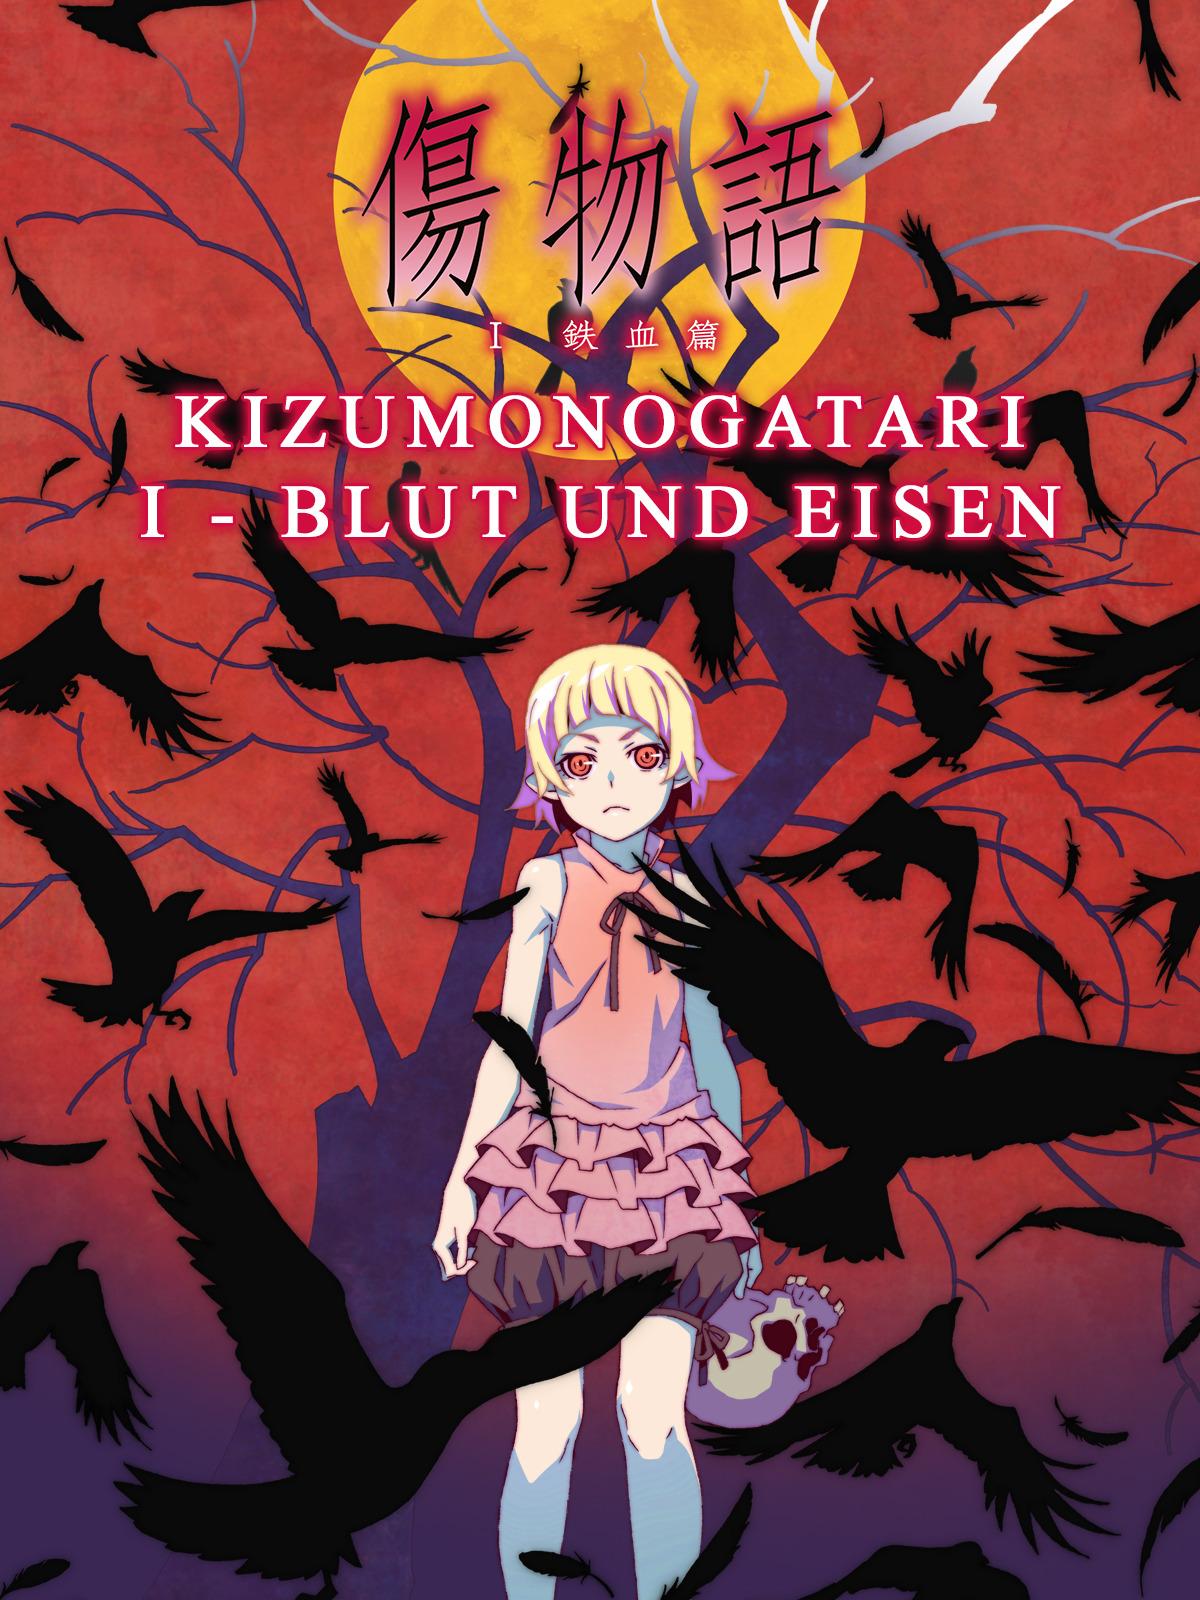 Kizumonogatari I - Blut und Eisen